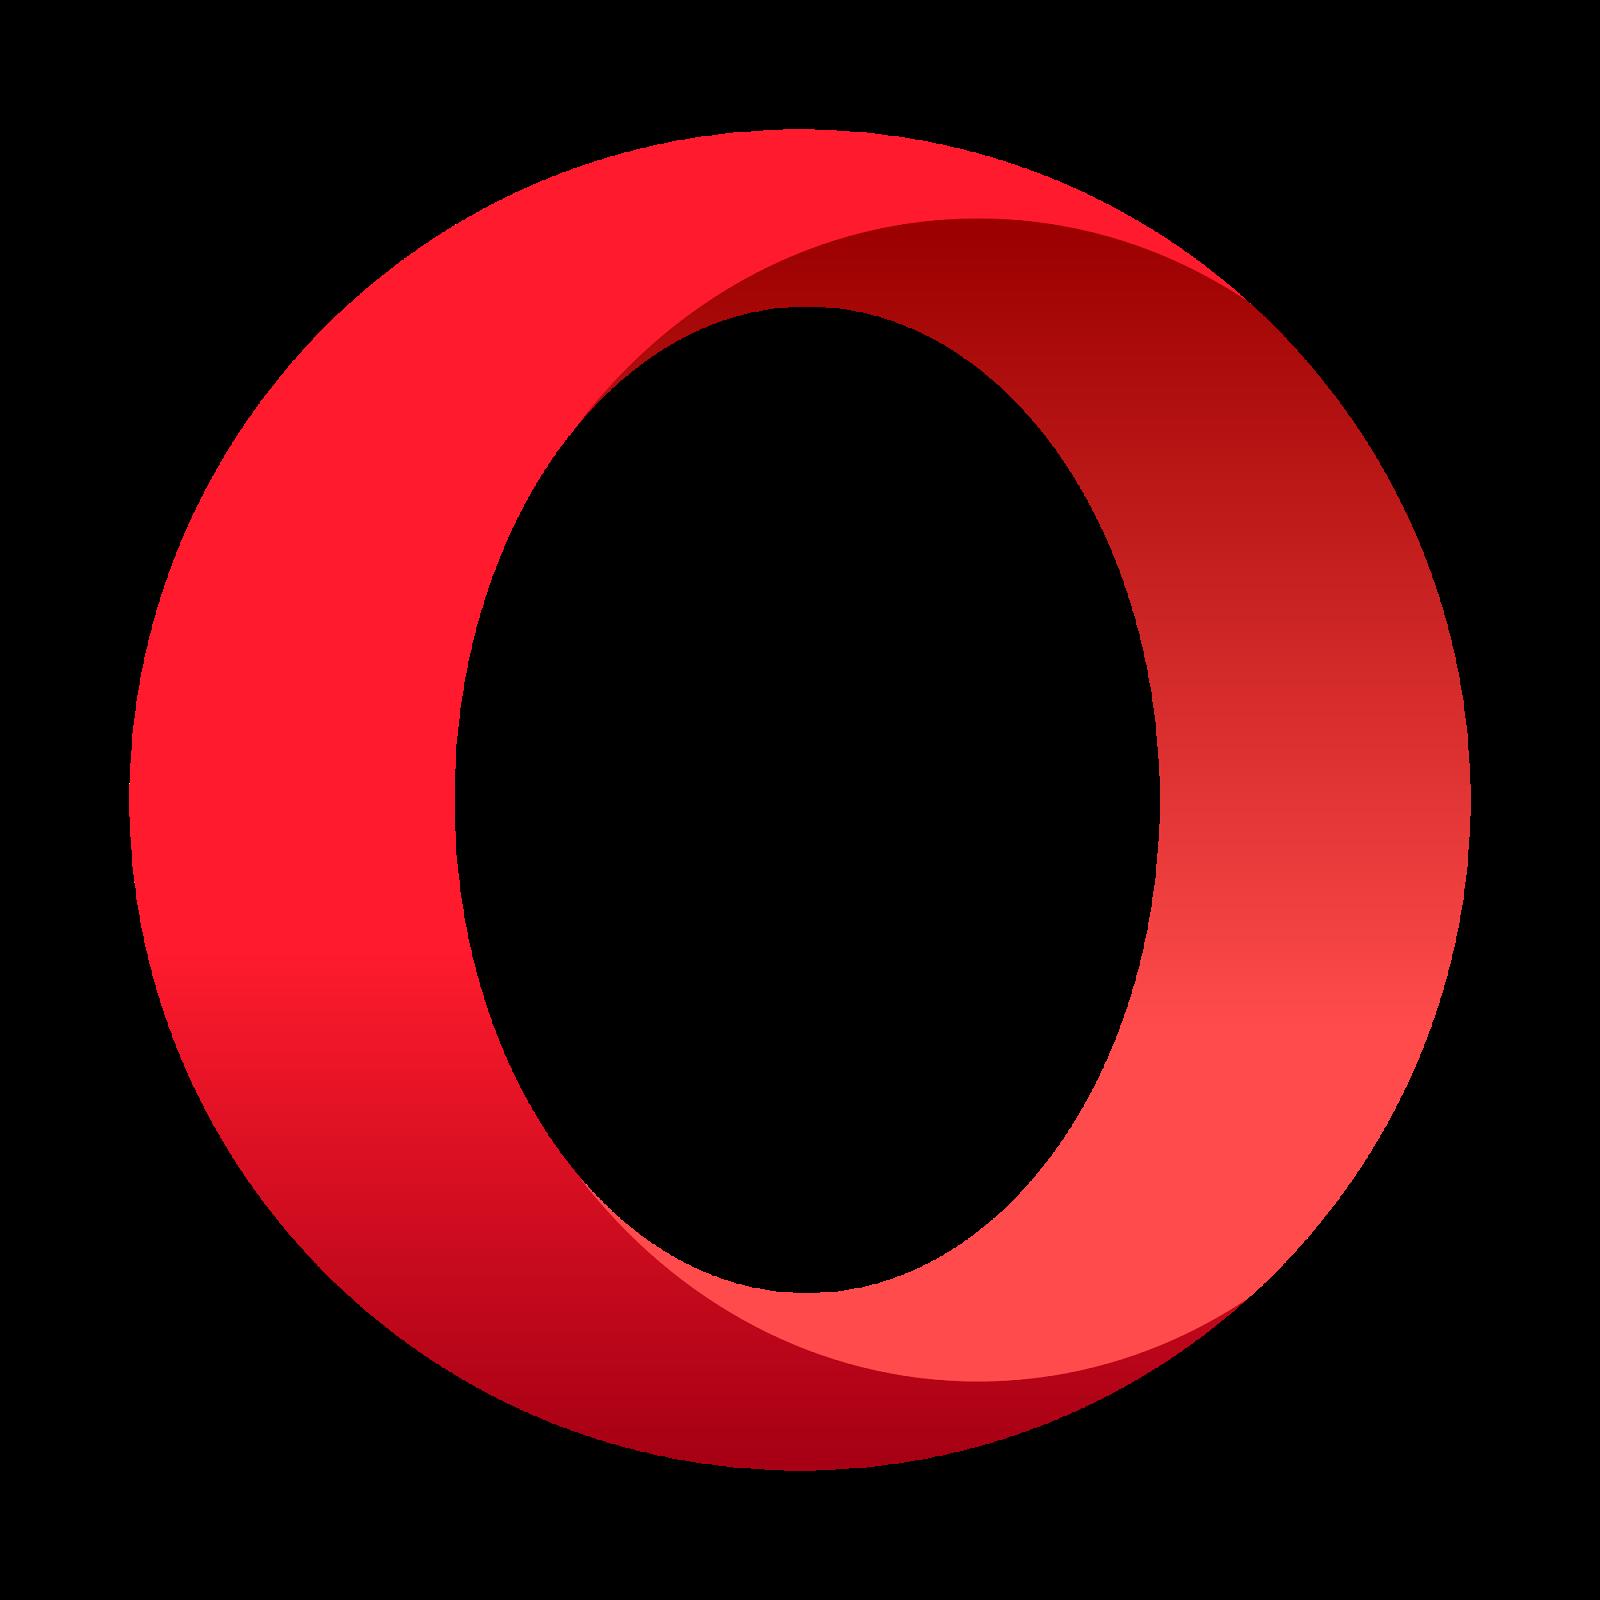 opera تحميل مجاني